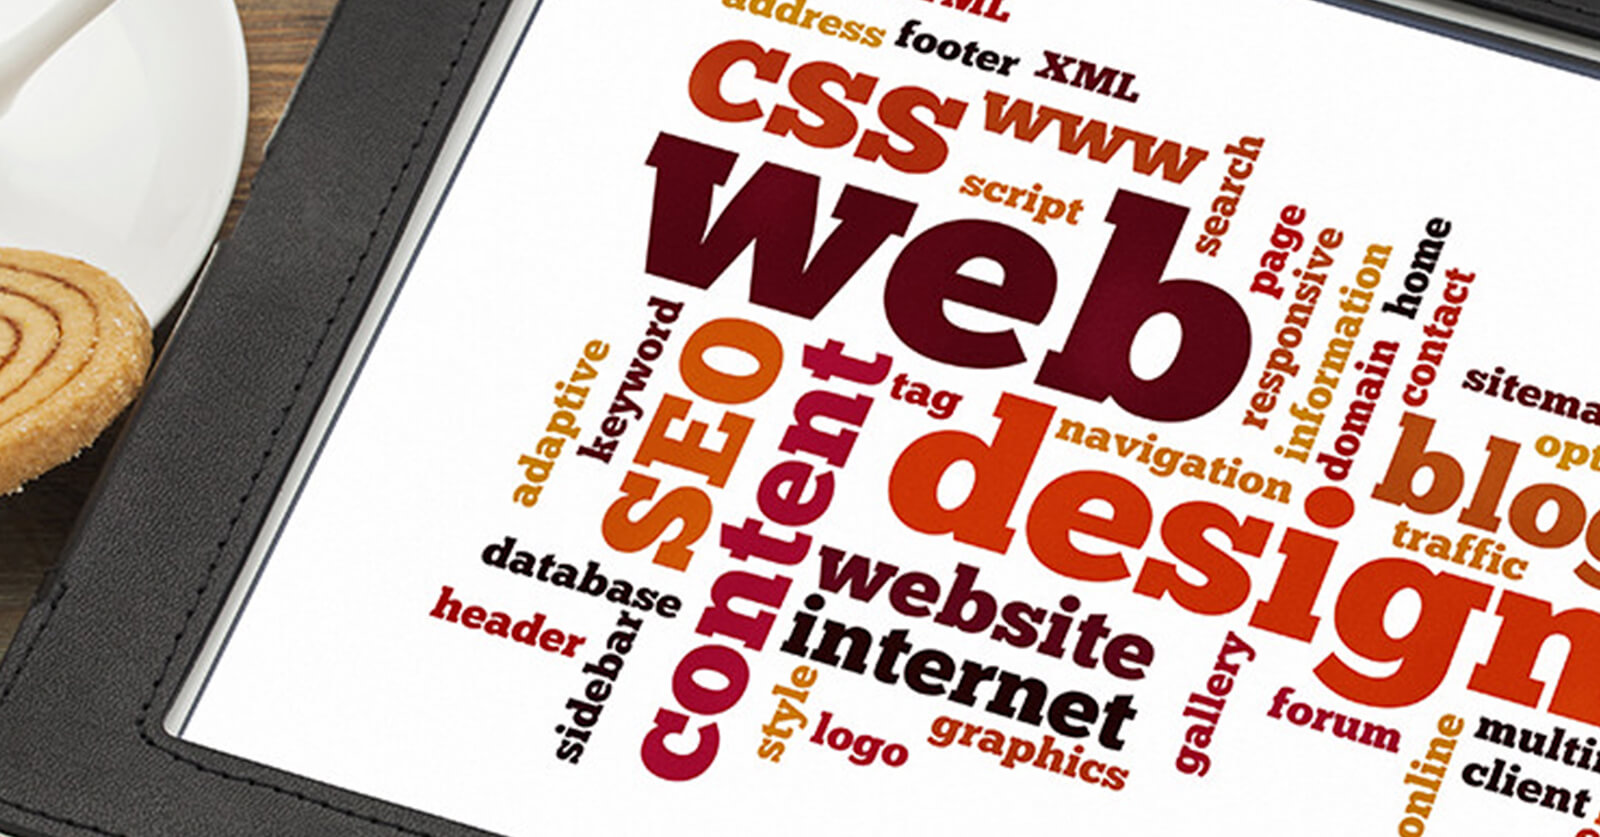 Procesul de creare al unui website